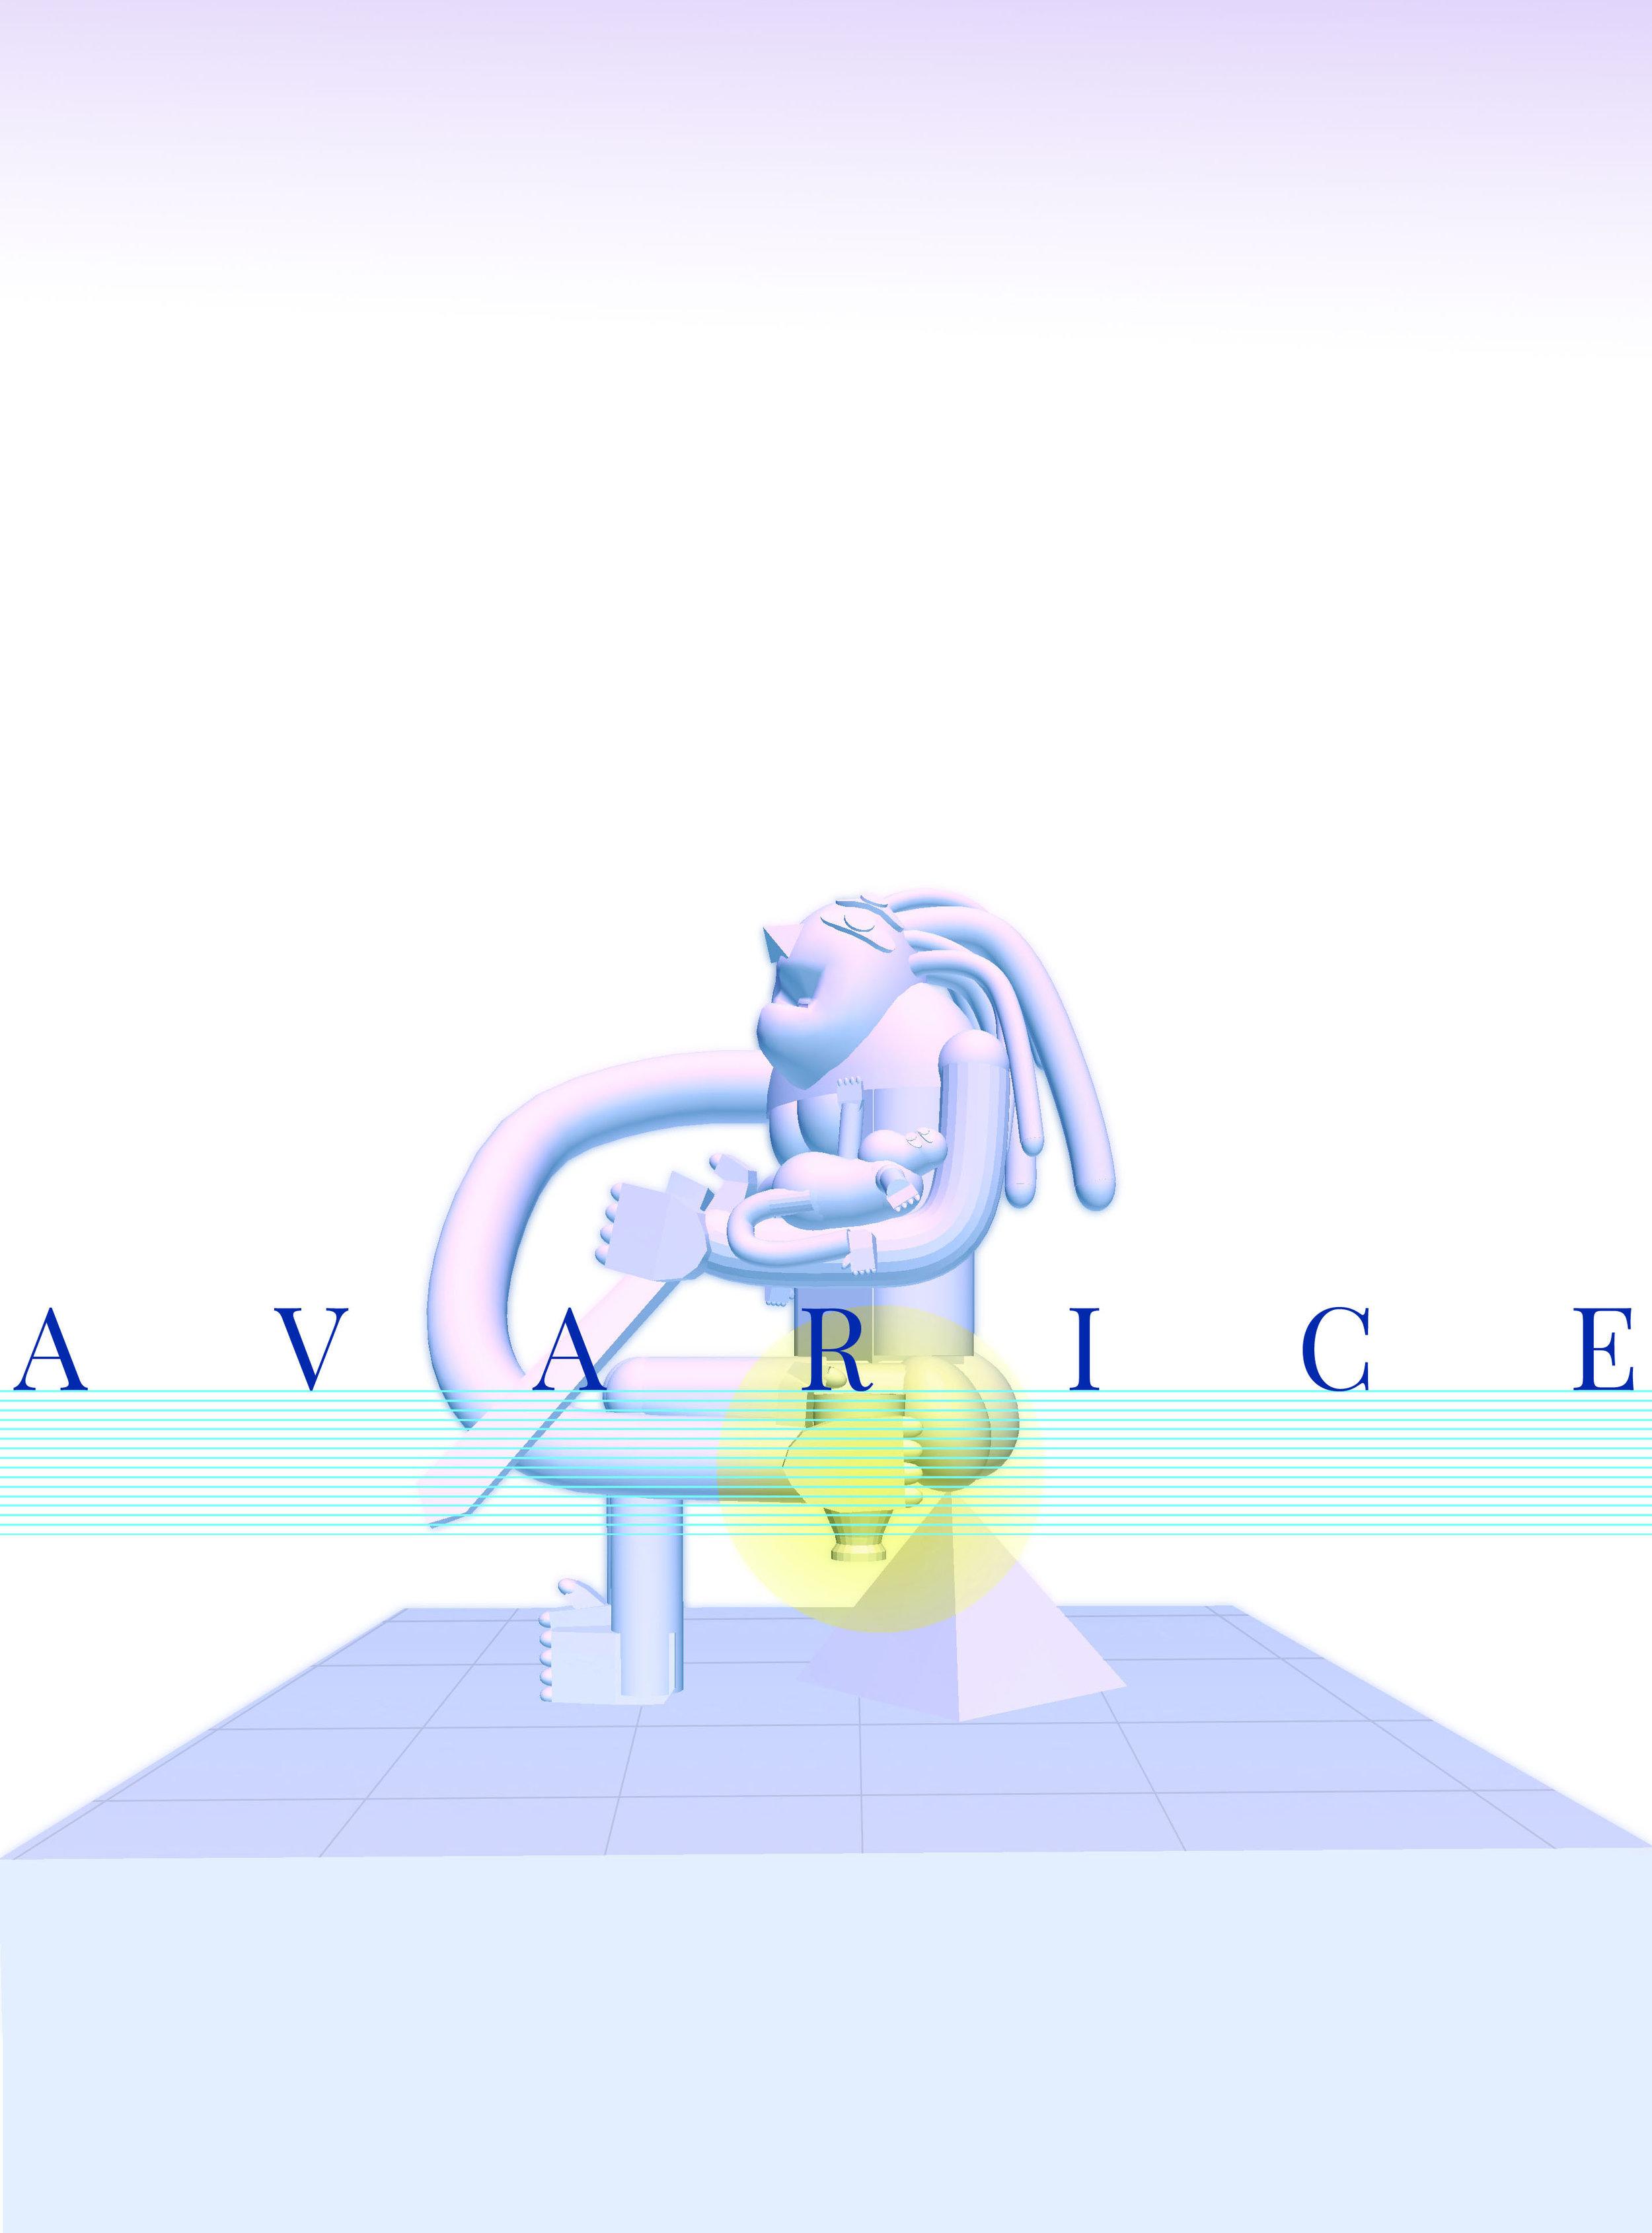 Avarice_03col.jpg